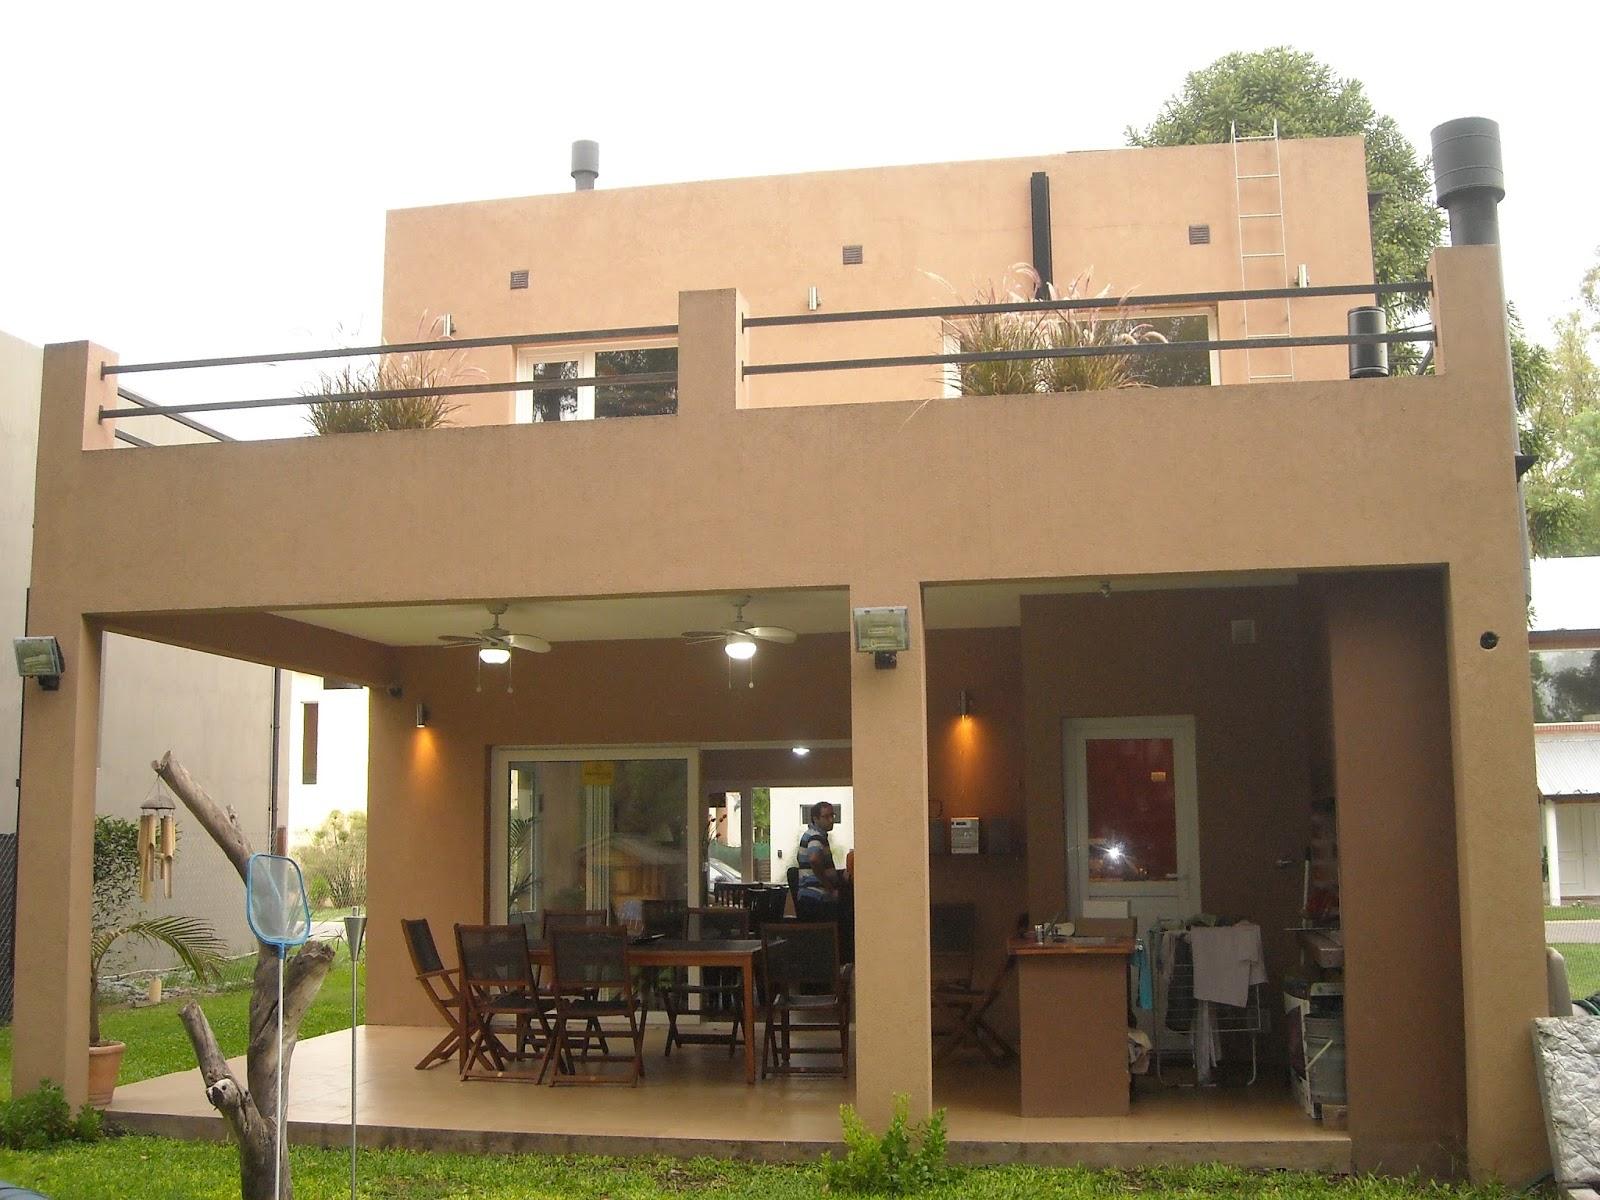 r tavella inmuebles fm 2297 5 casa estilo minimalista 5